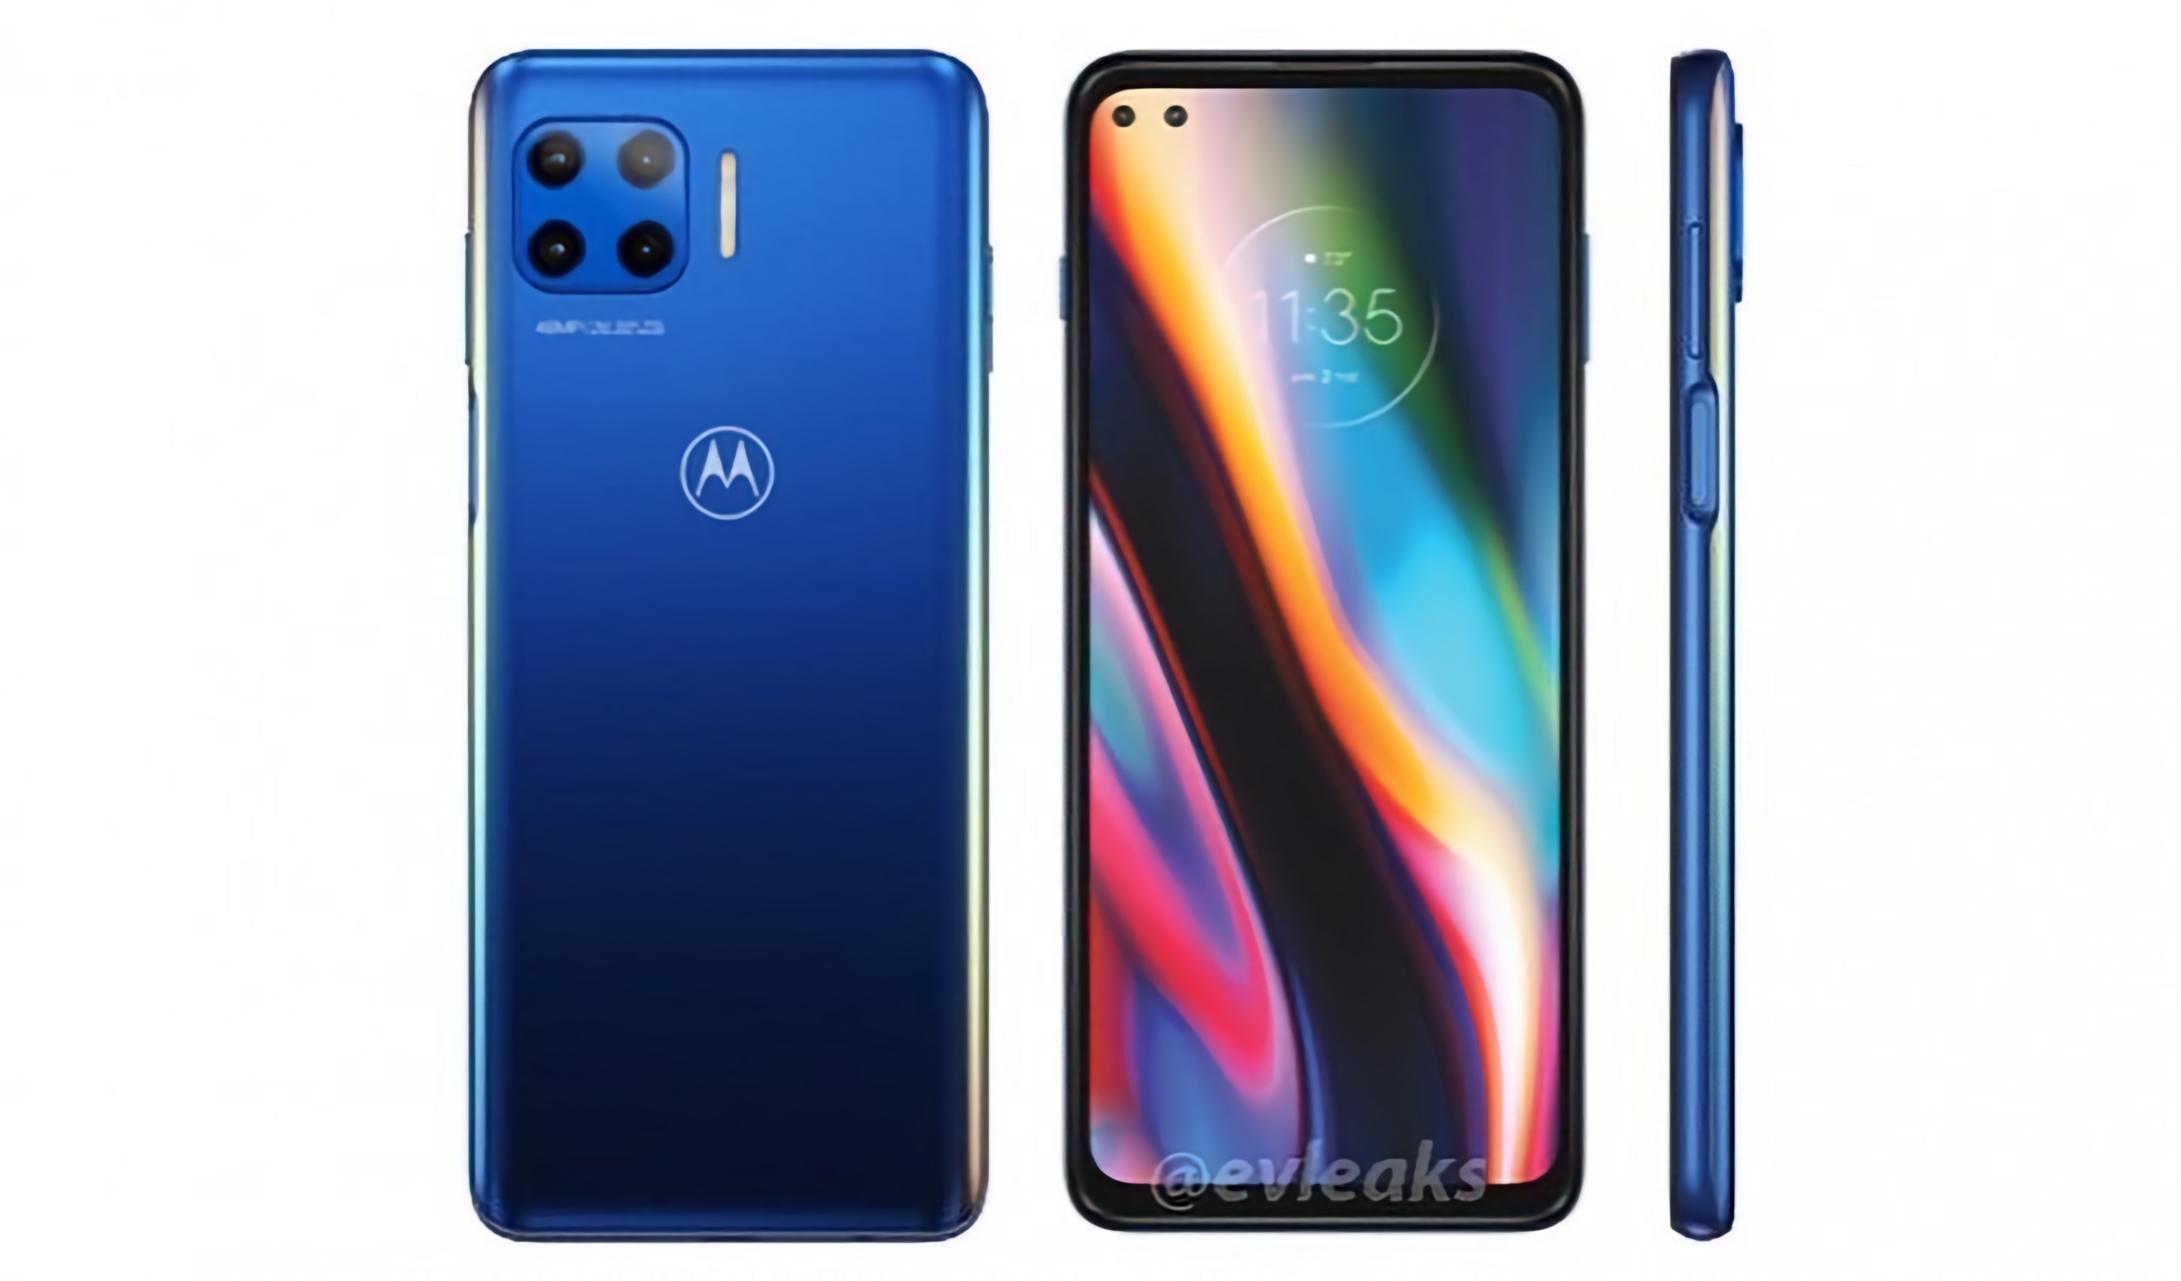 Motorola готовит к выходу новую версию Moto G: квадро-камера, сканер на боковой стороне и поддержка 5G